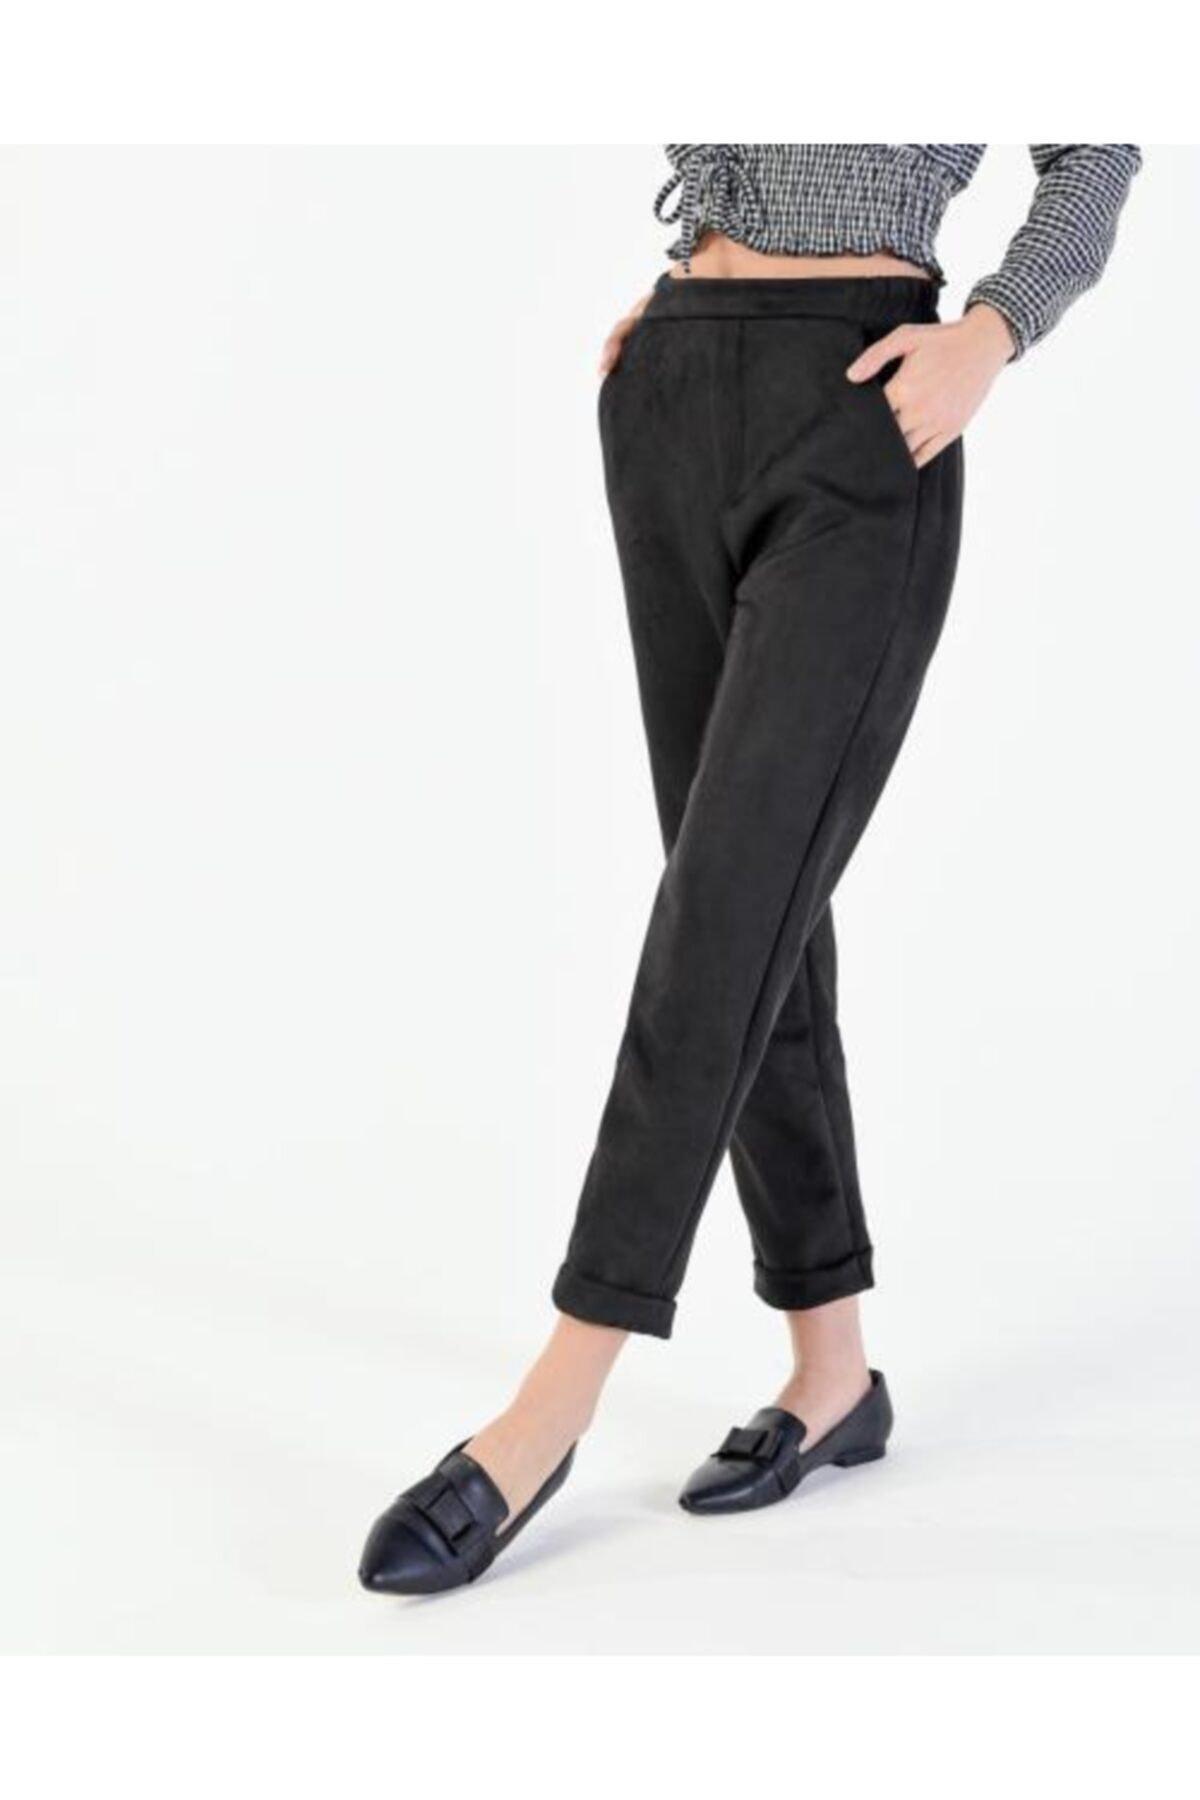 Vision Kadın Siyah Katlama Paça Süet Pantolon 1